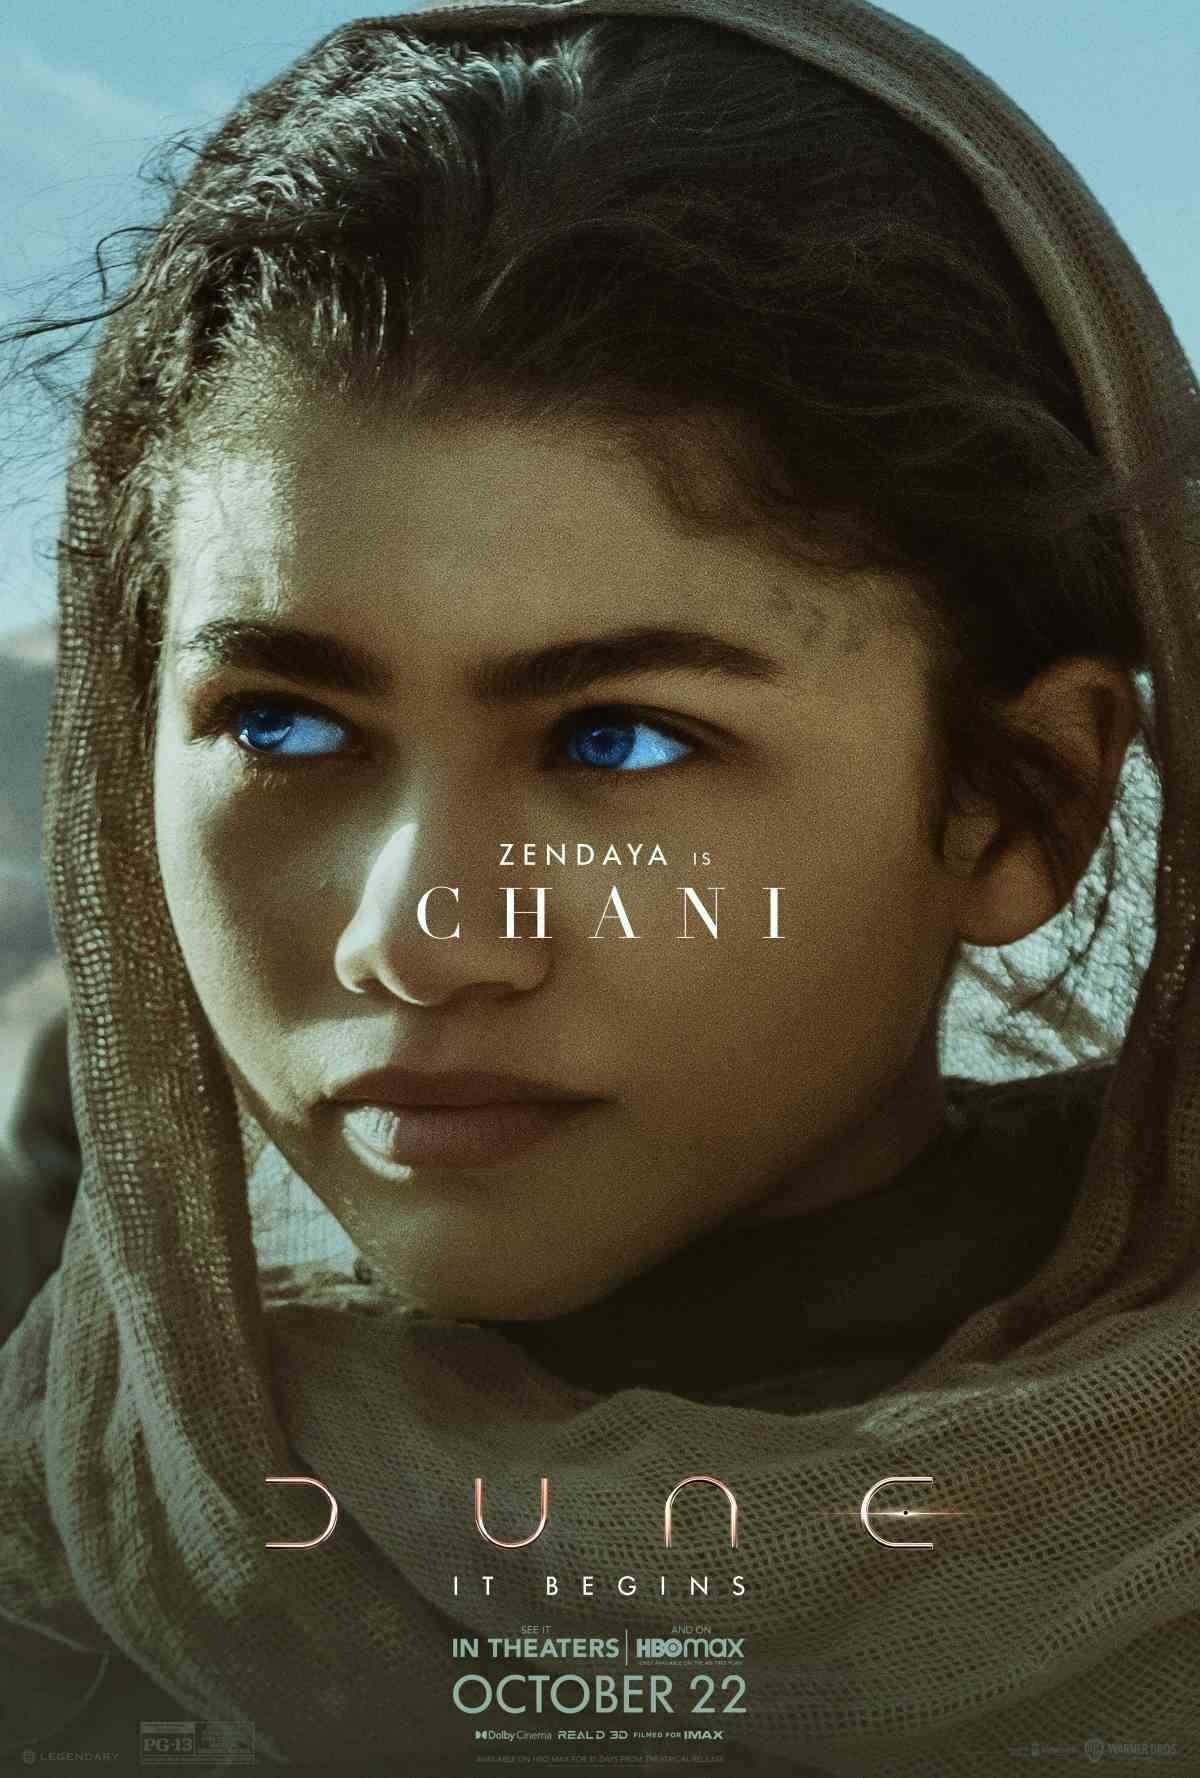 Zendaya as Chani in 'Dune'